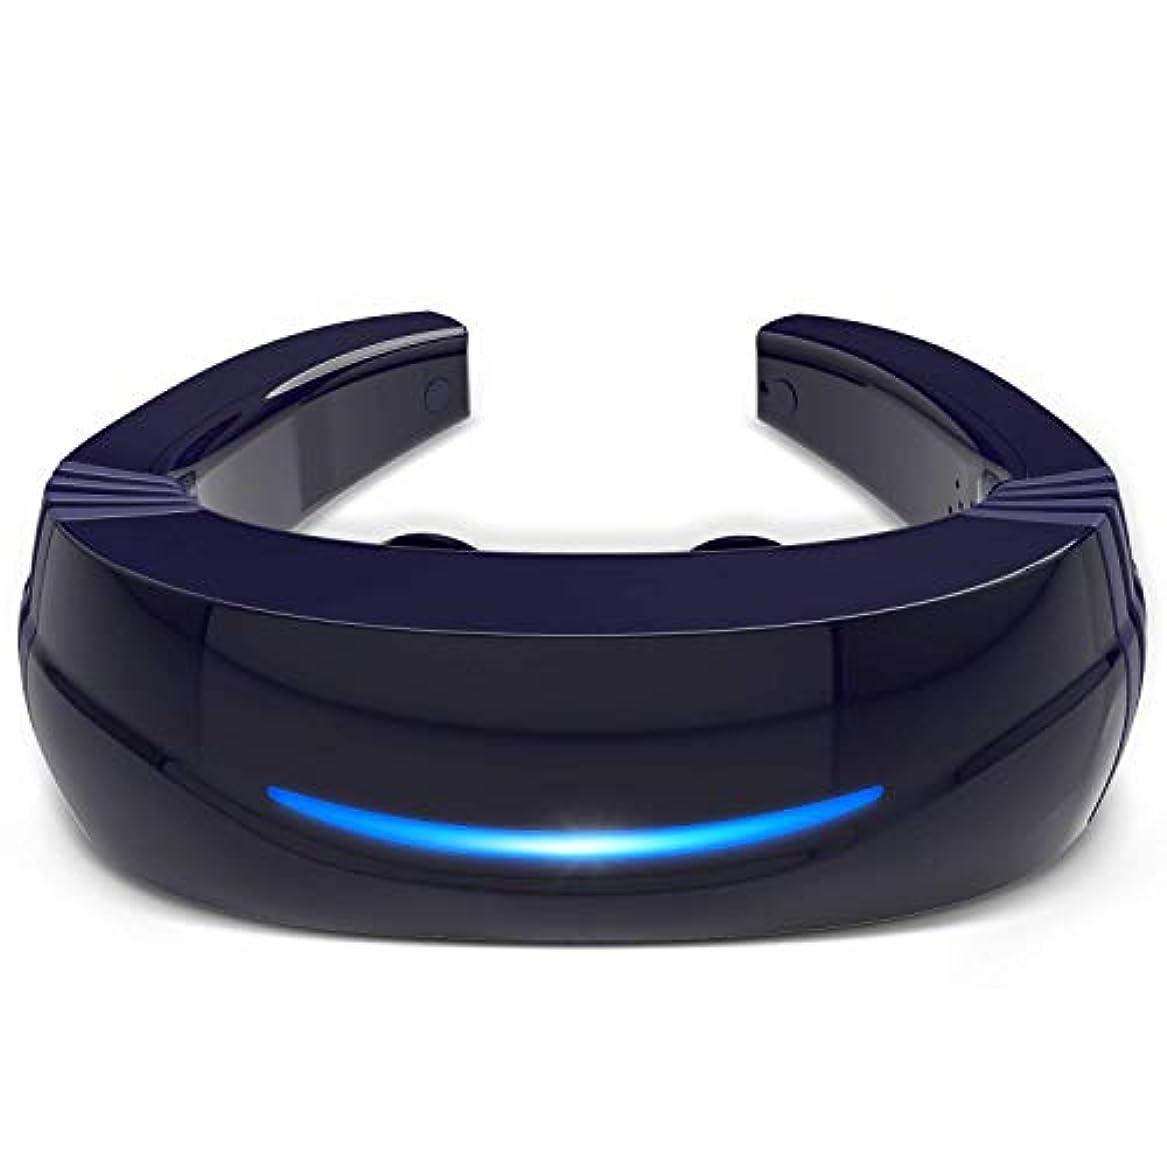 パニックマイクロフォン鋸歯状Hipoo ネックマッサージャー 首マッサージ 低周波 マッサージ器 ストレス解消 USB充電式 日本語説明書 電極パッド2つ付き 音声式